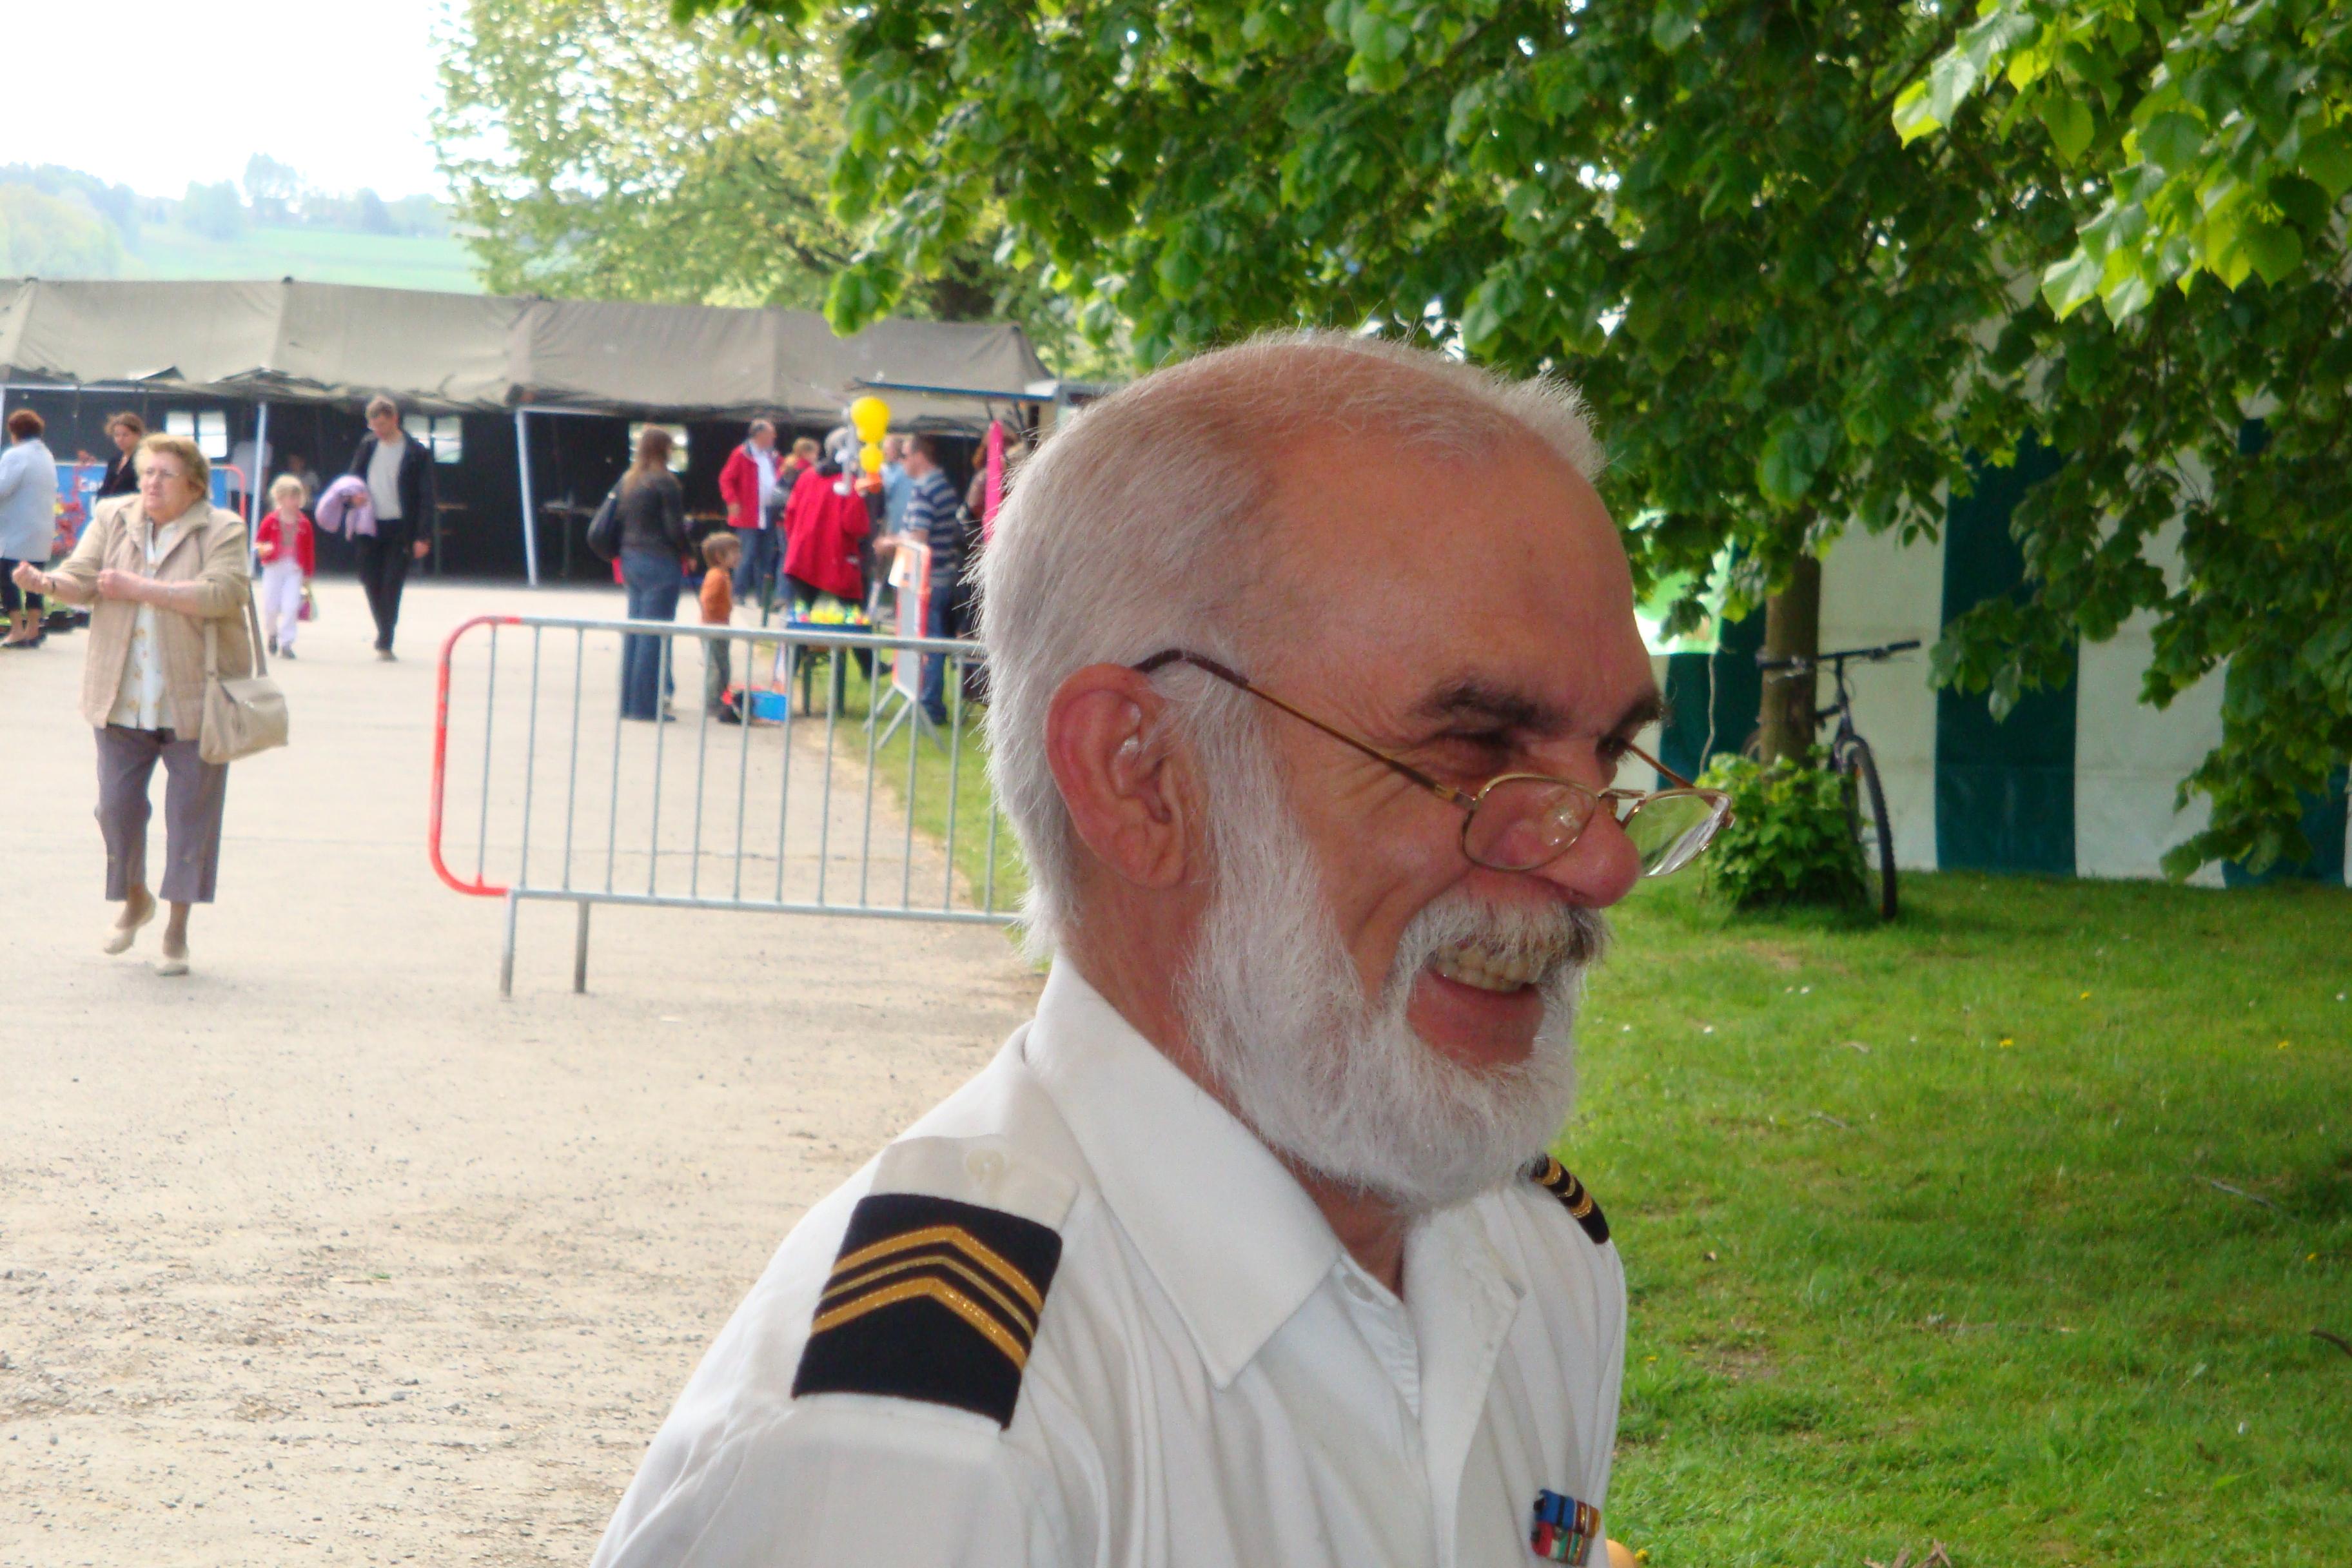 photos de la réunion des anciens à Ittre le 1er mai 2010 - Page 4 100502122925990285945136